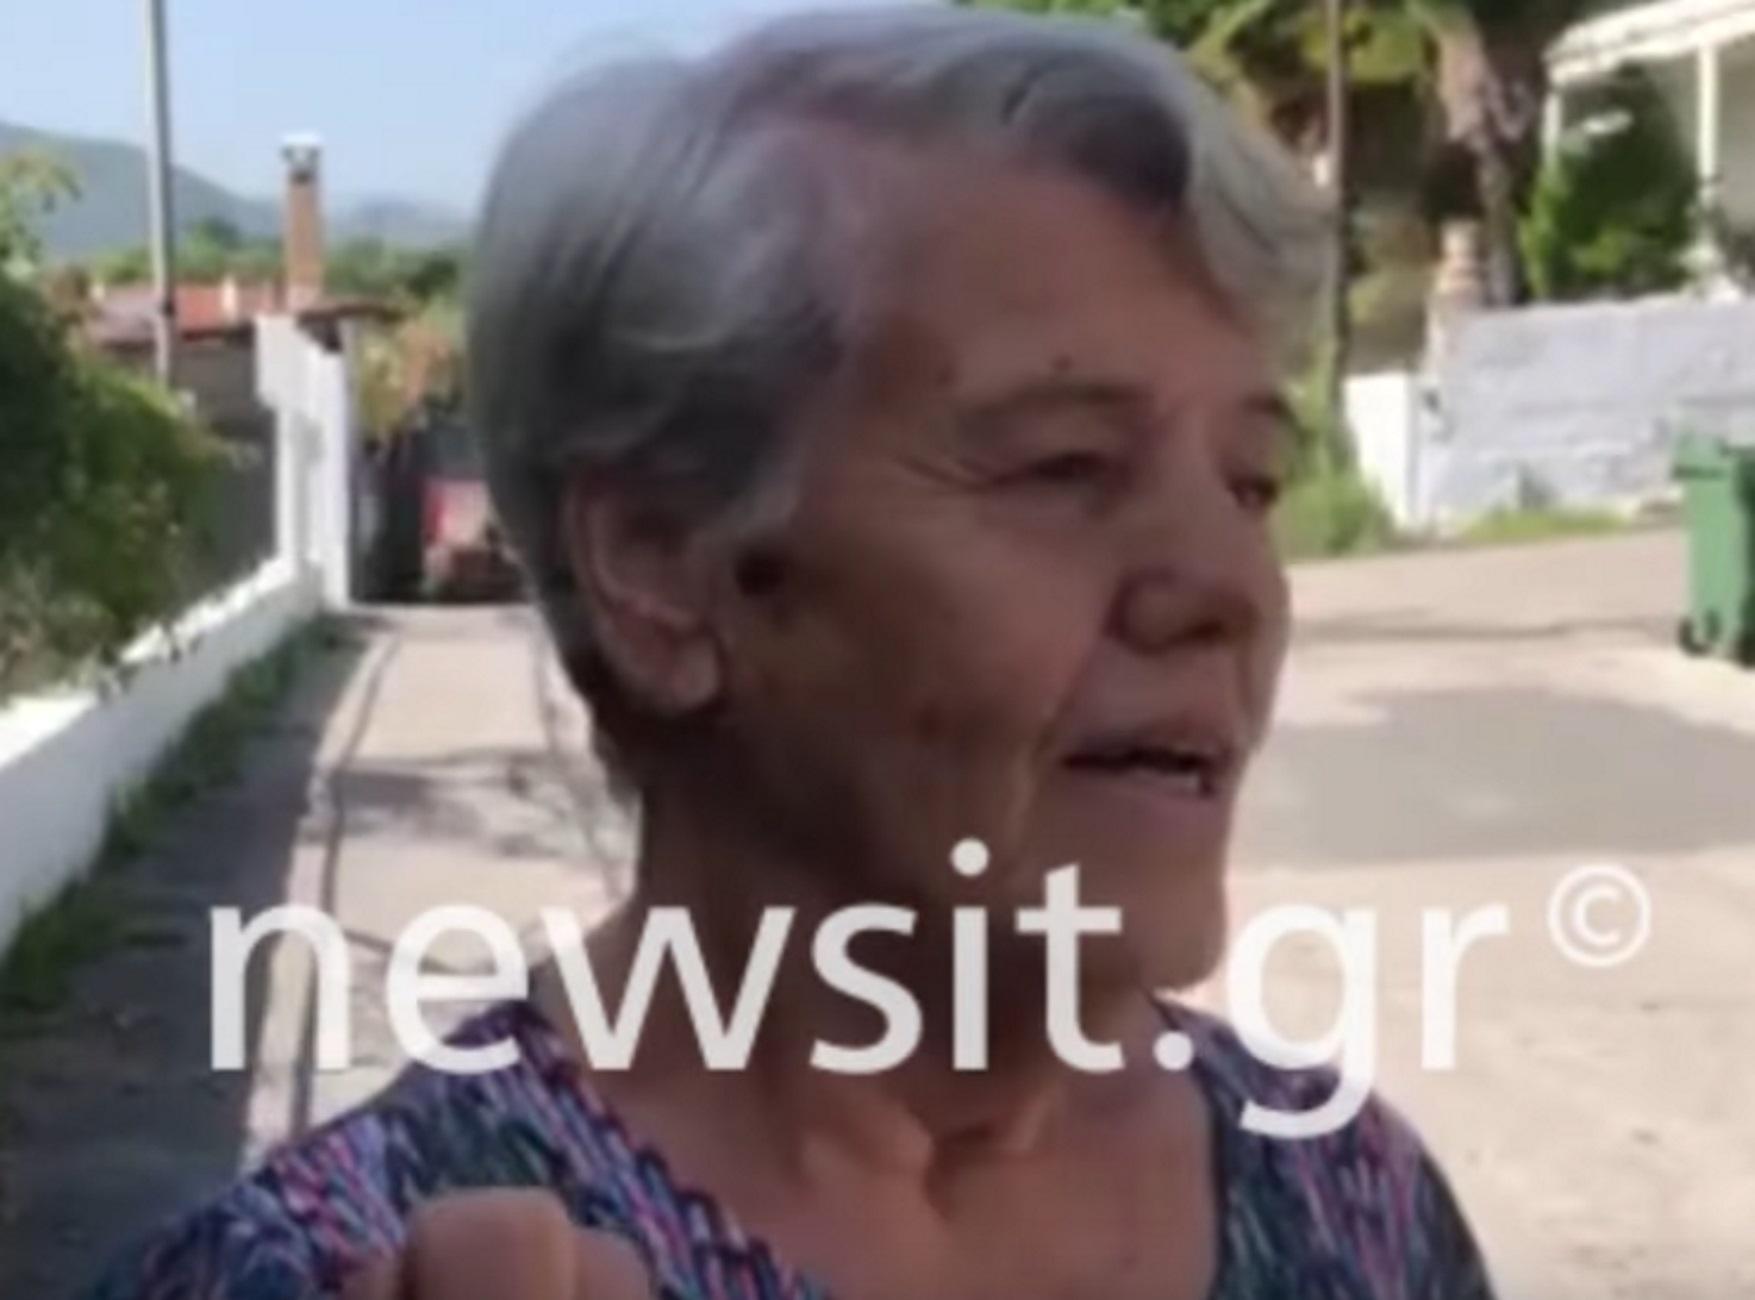 Μονή Πετράκη: «Εμένα ήθελε να σκοτώσει» – Η γυναίκα που φιλοξενούσε τον ιερέα στη Βέροια αποκαλύπτει